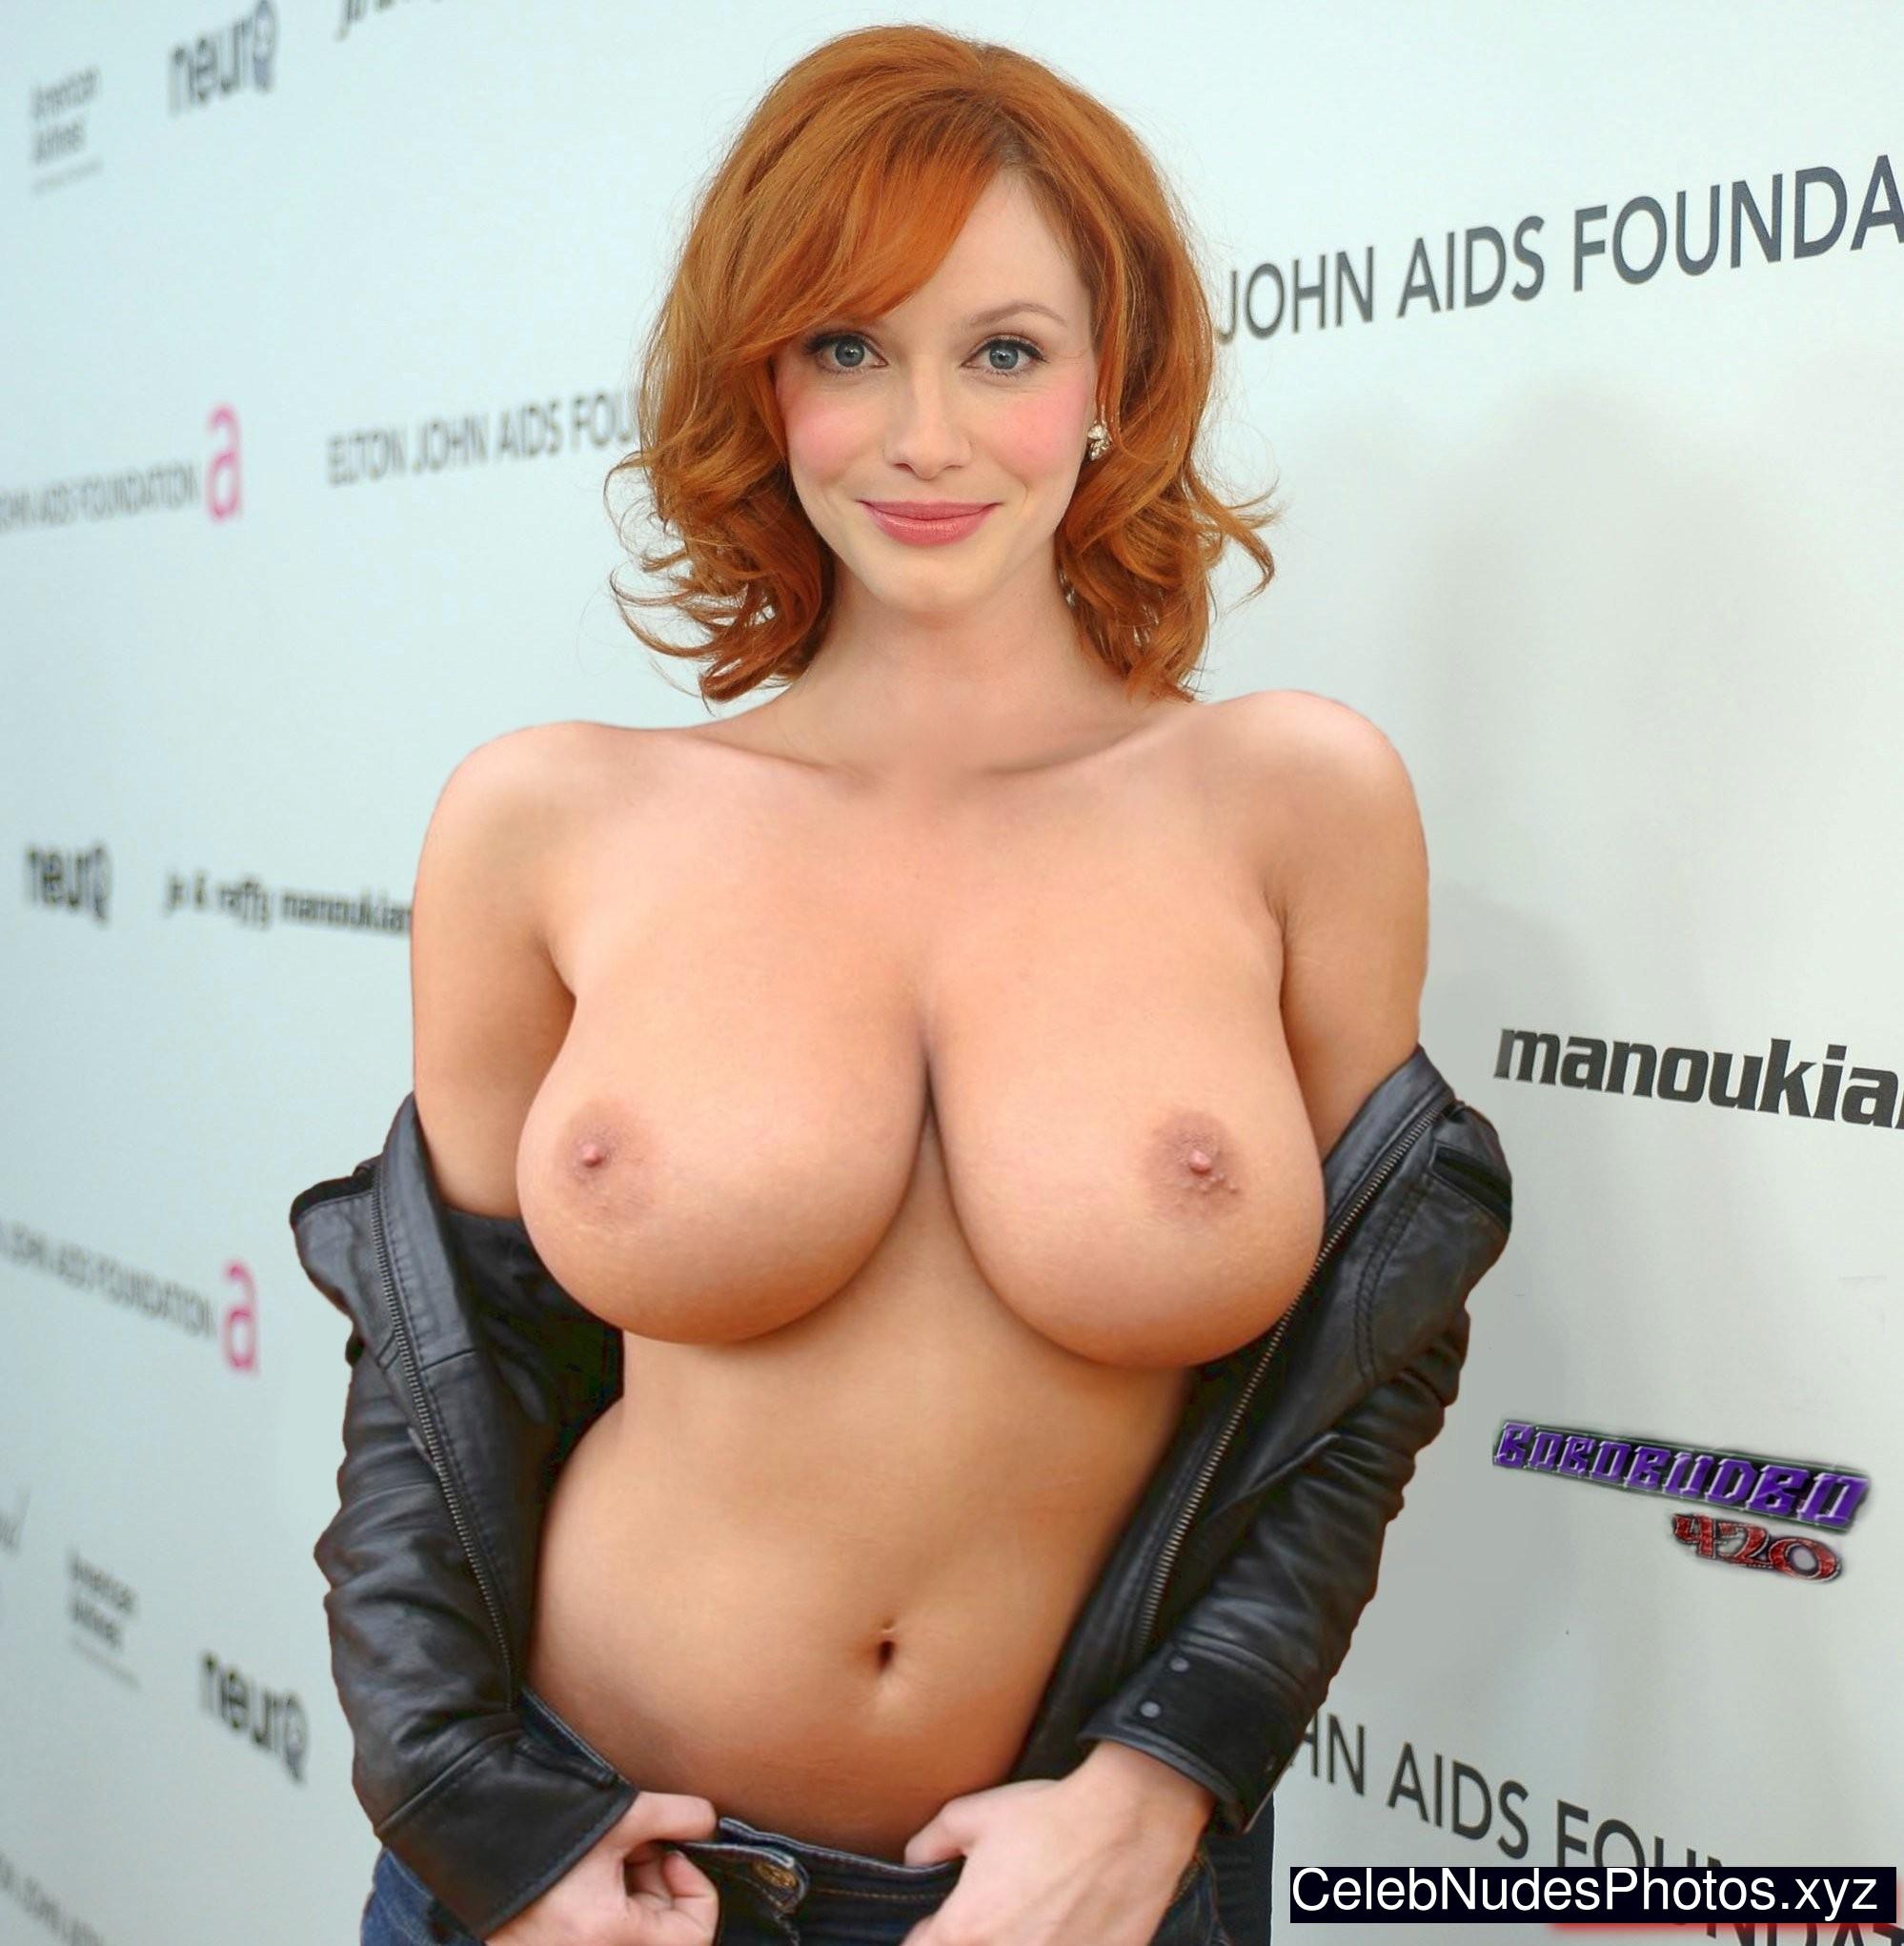 innocent looking nude women